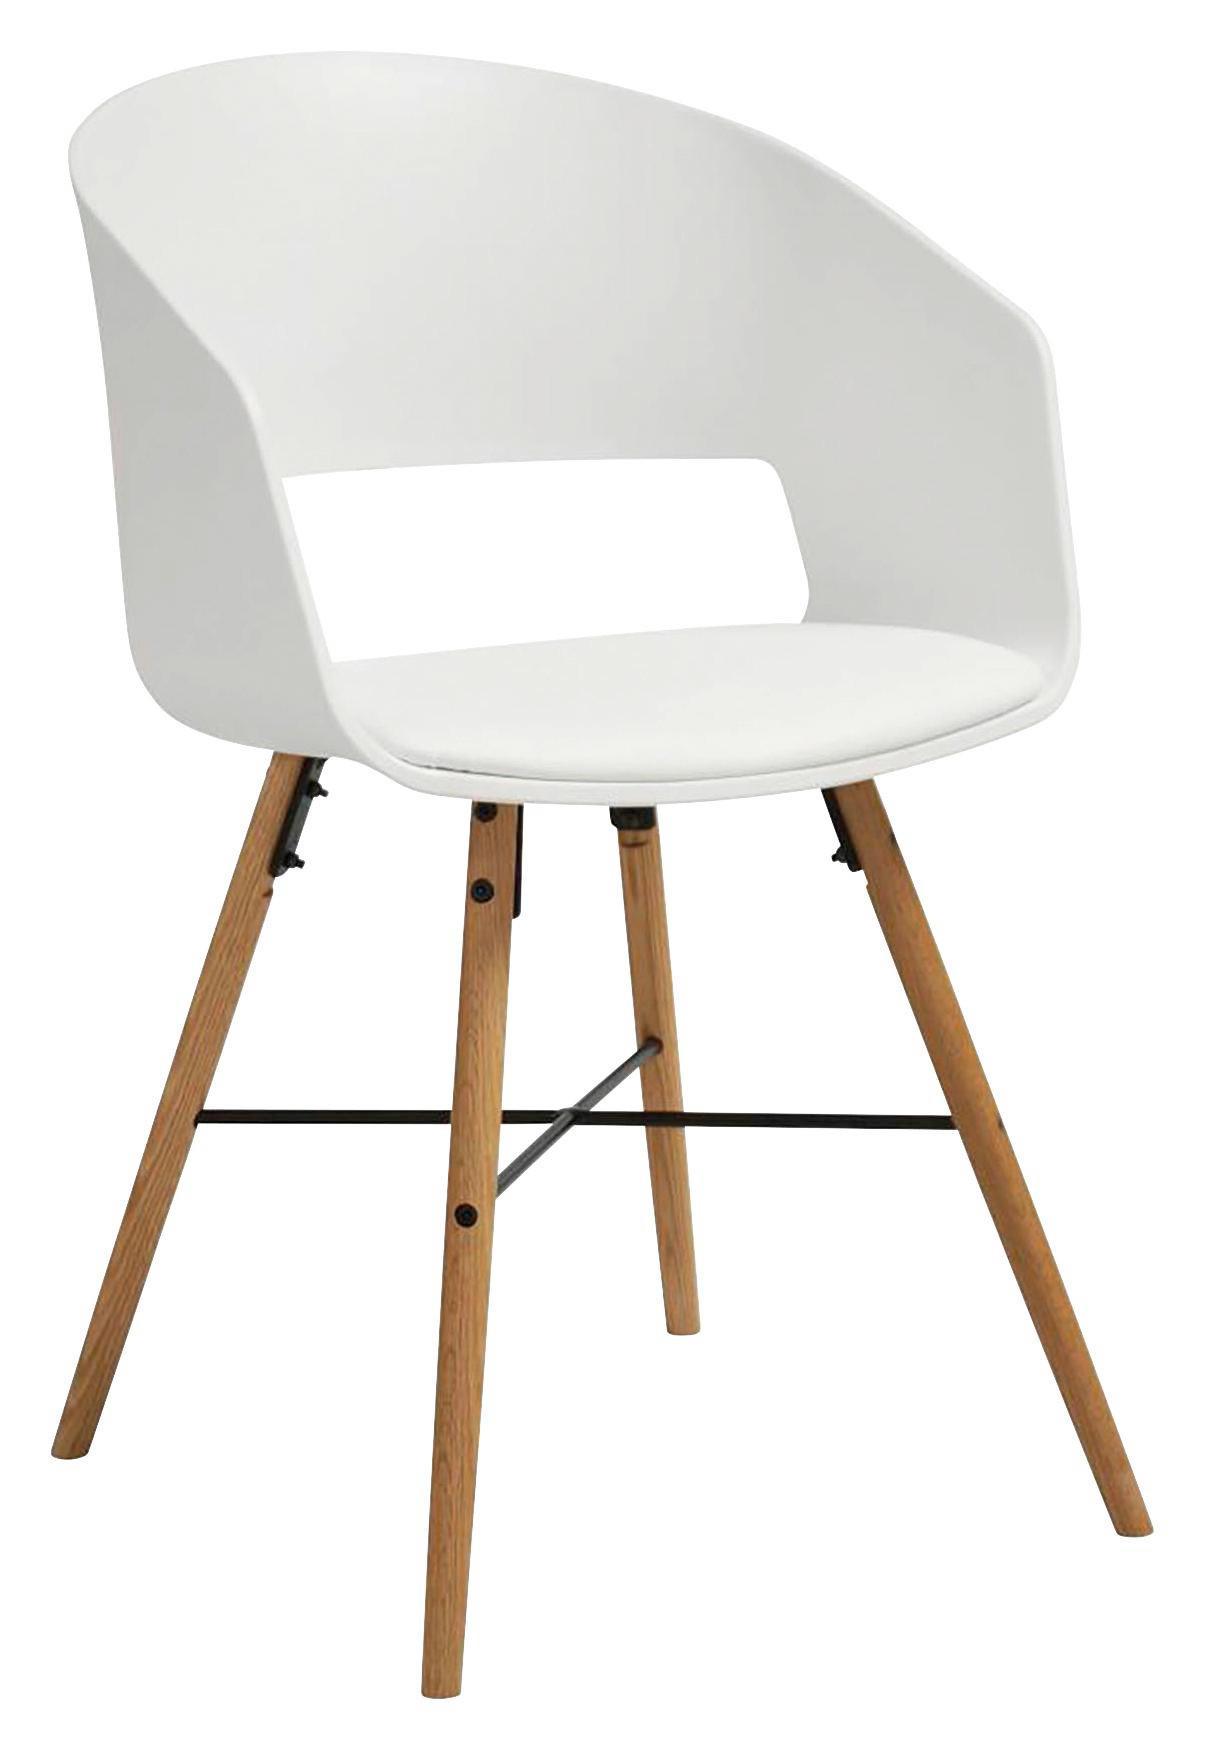 KunststoffTextil In Stuhl Stuhl WeißBuchefarben In Stuhl In KunststoffTextil WeißBuchefarben VUqpzSM